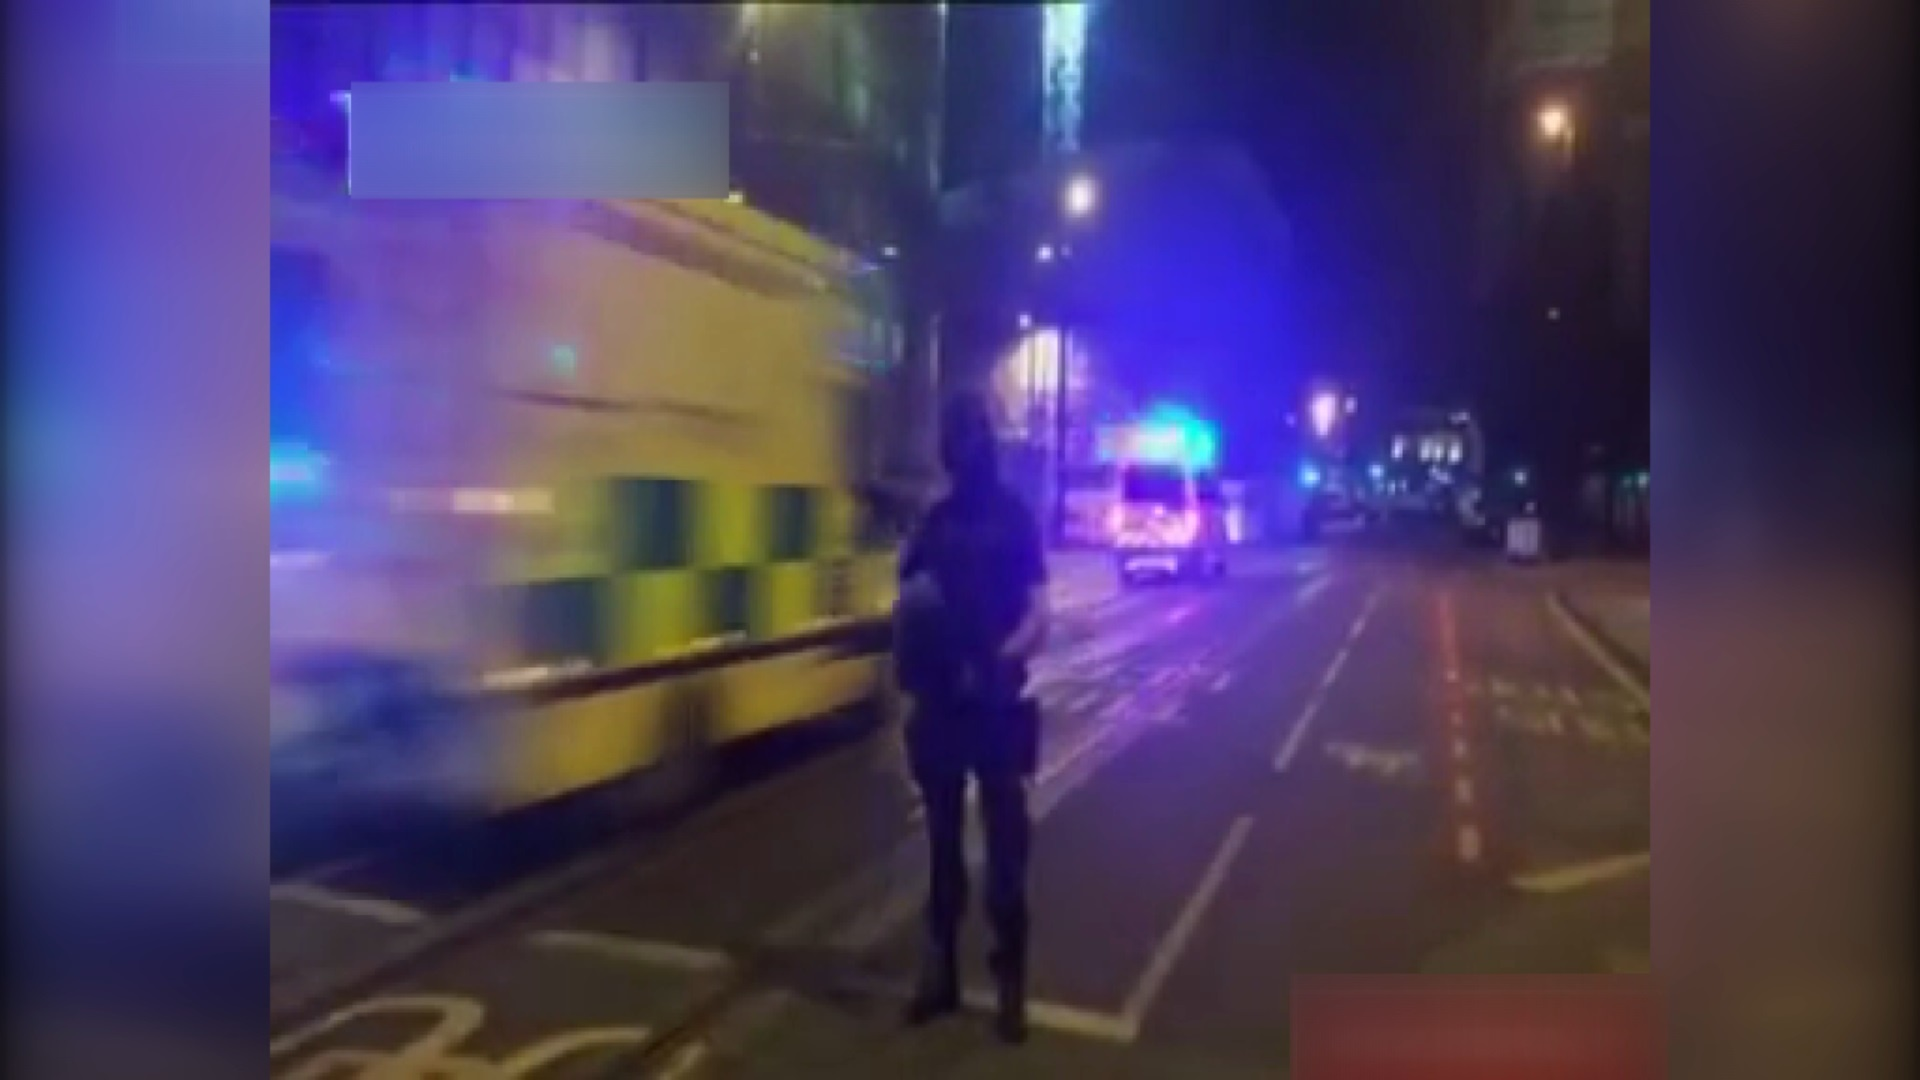 فیلم | فضای امنیتی منچستر بعد از انفجار کنسرت در شب گذشته